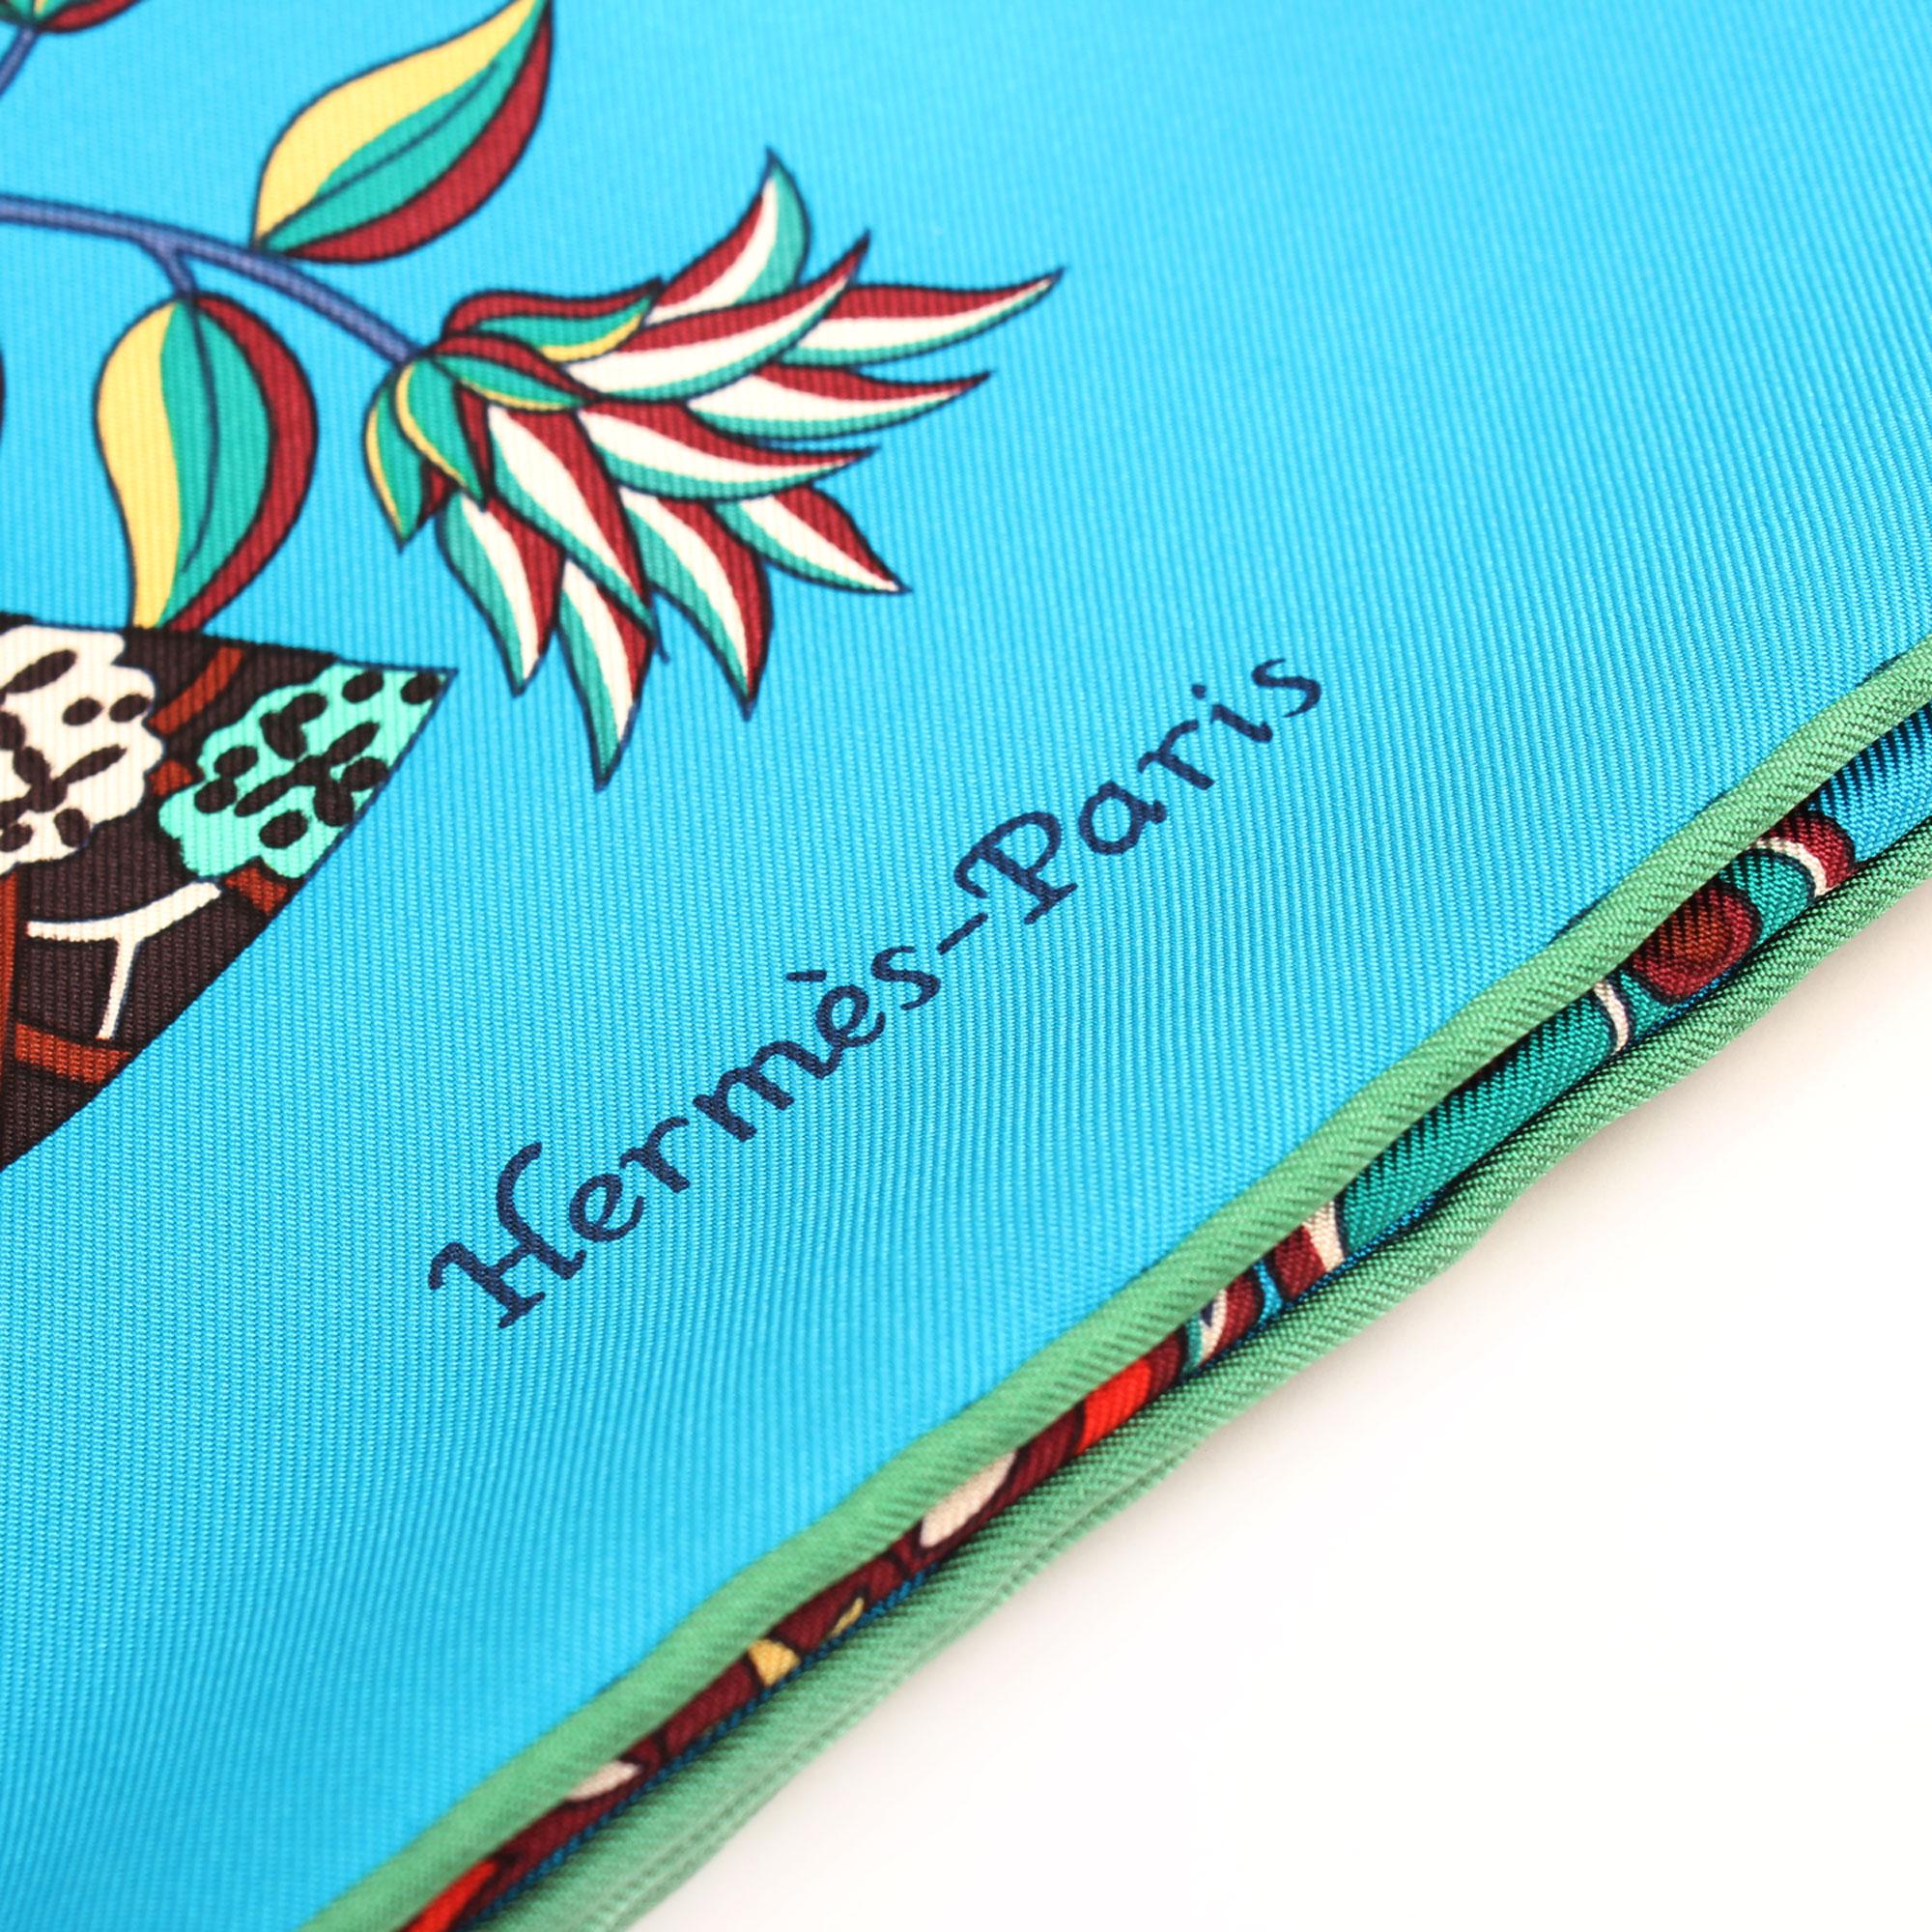 Imagen de detalle de la firma del hermes carre abanico azul verde multicolor